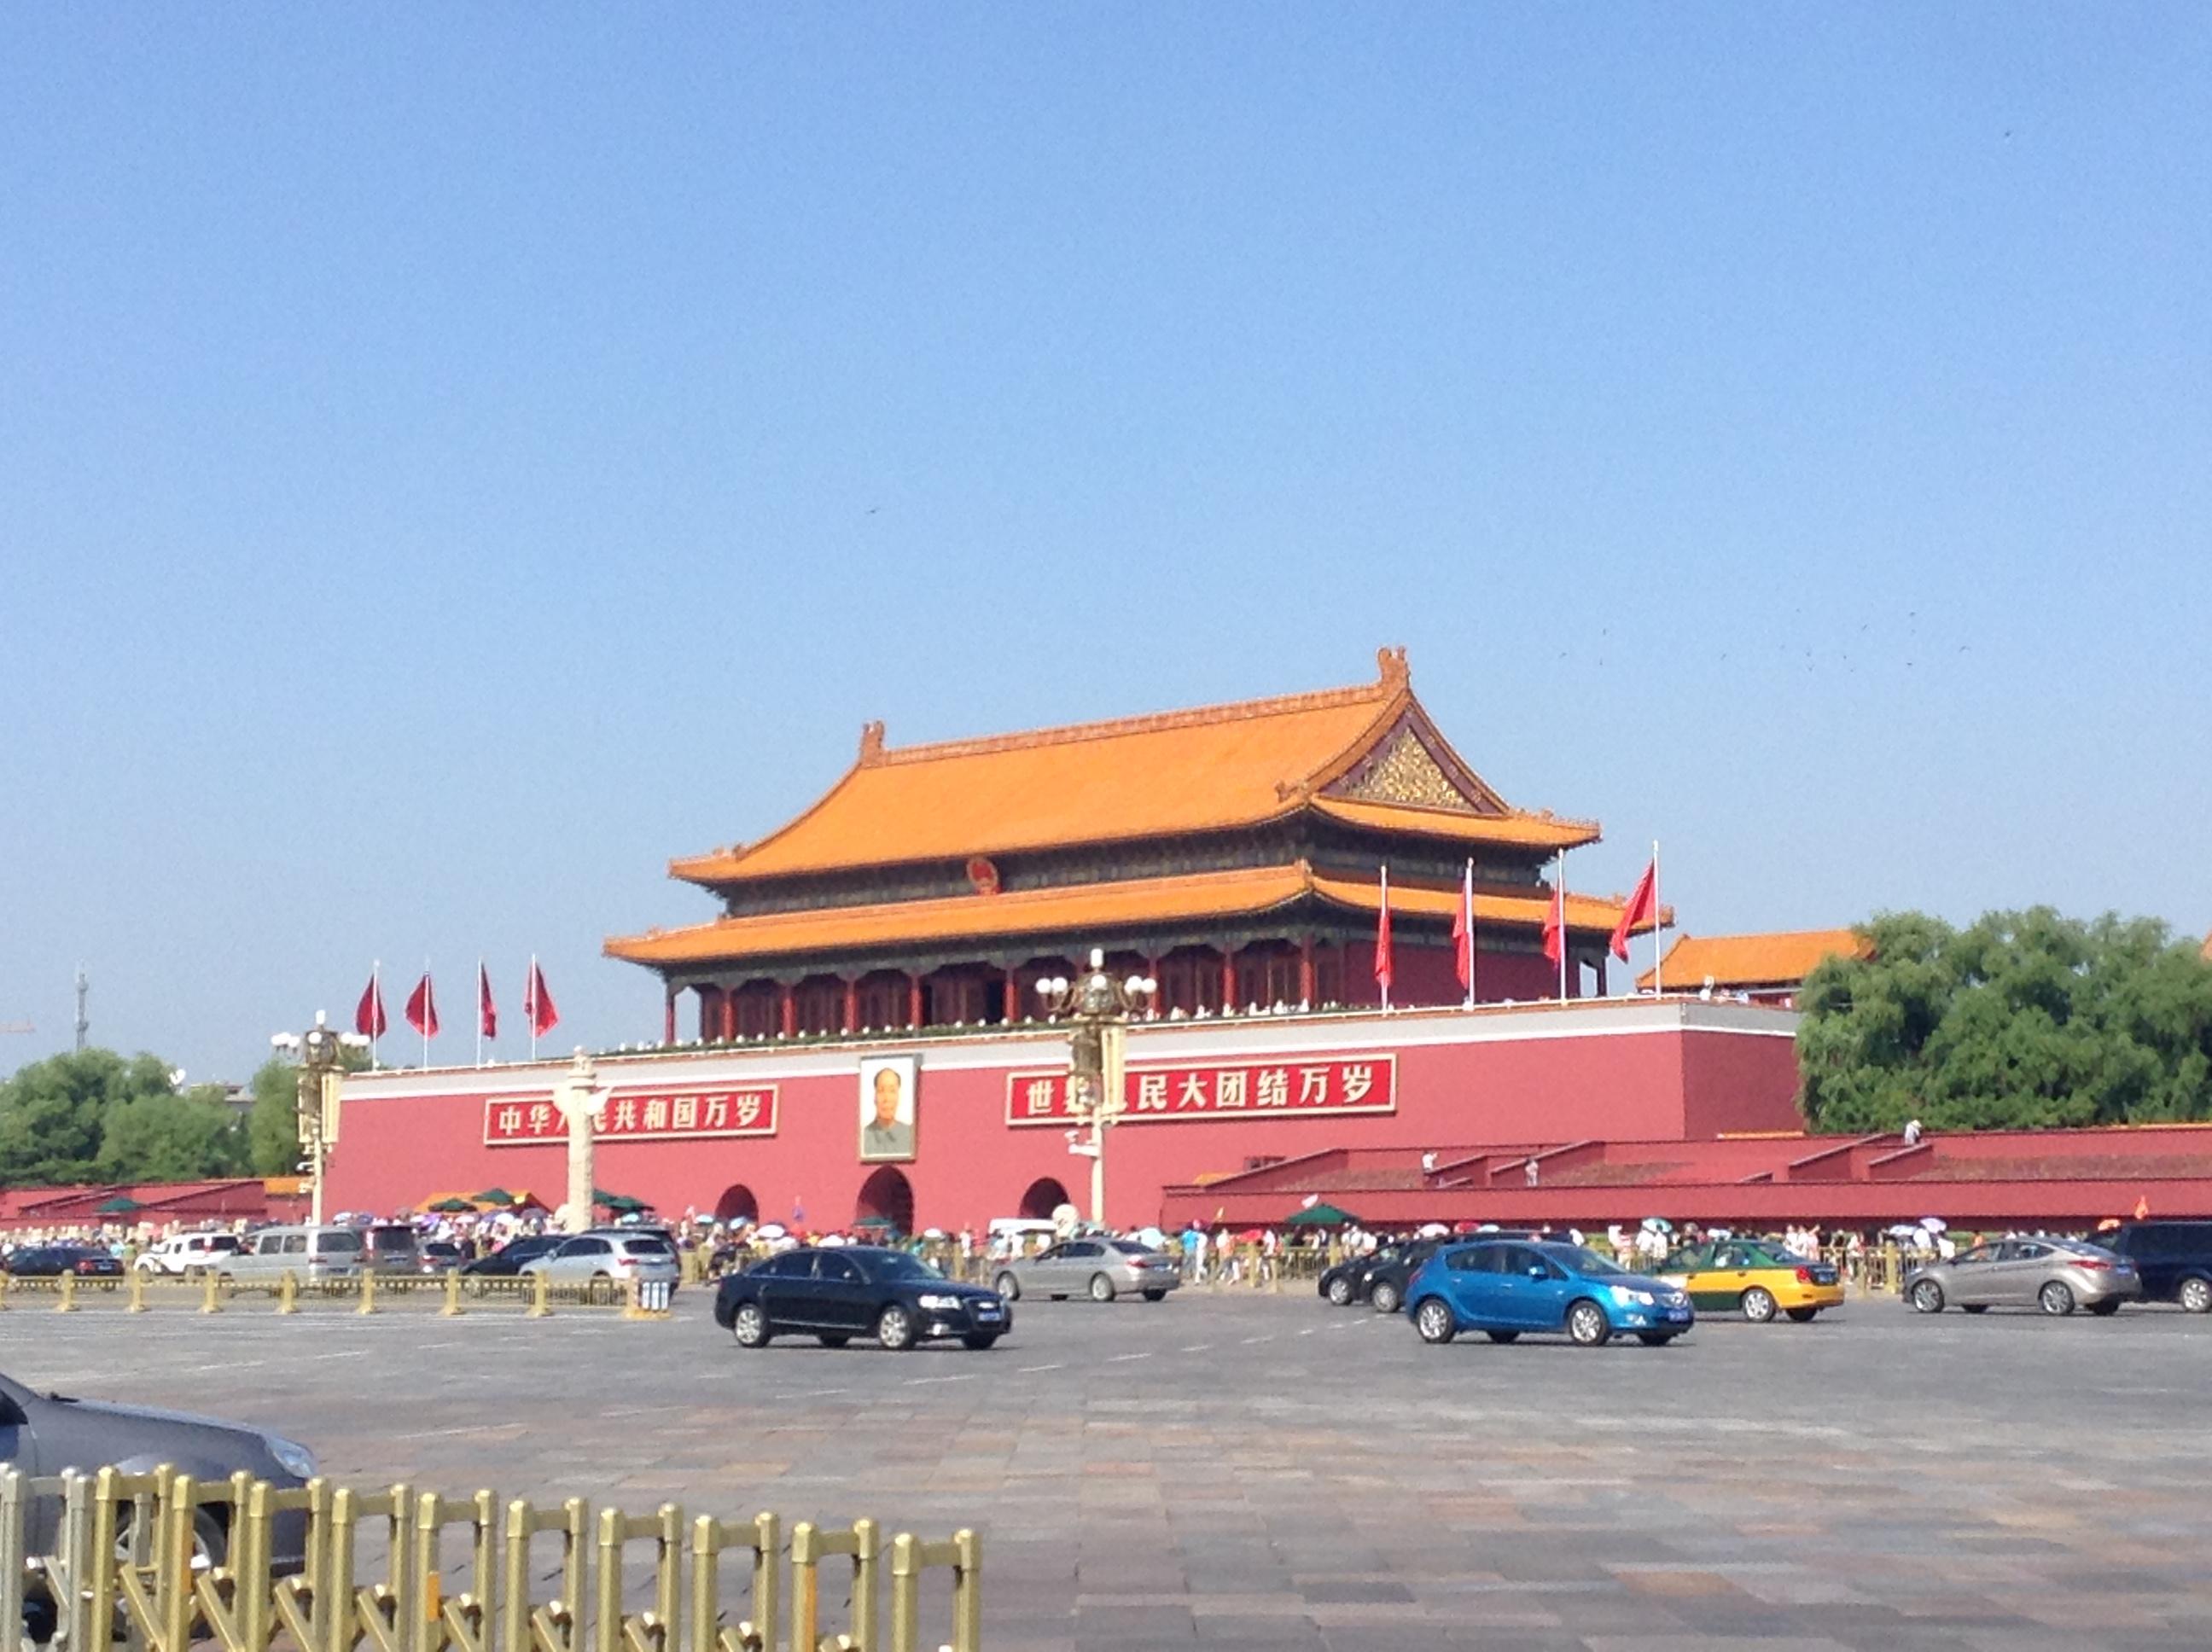 中国・北京は大都市だった